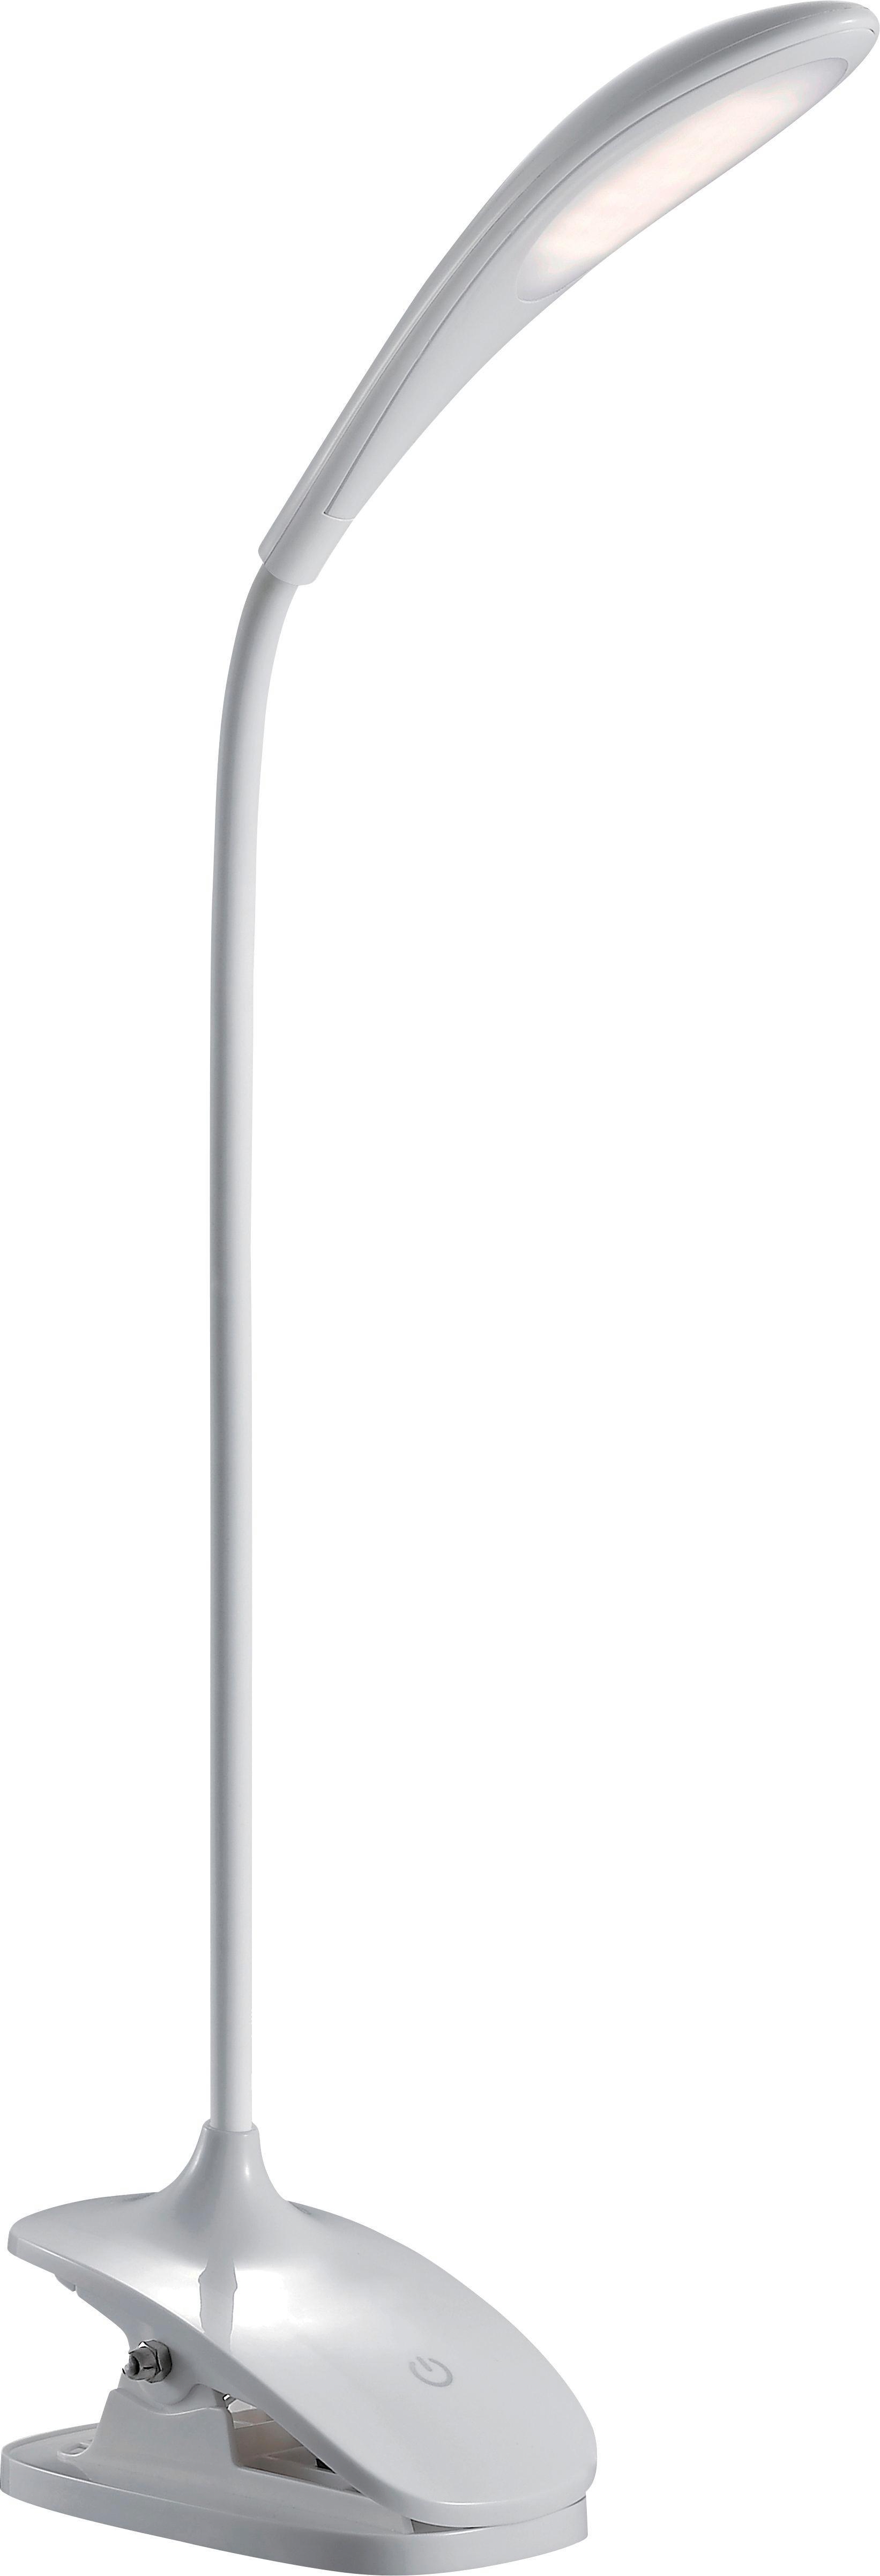 Schreibtischleuchte Bello, max. 3,2 Watt - Weiß, MODERN, Kunststoff (6,5/46,8/12cm)